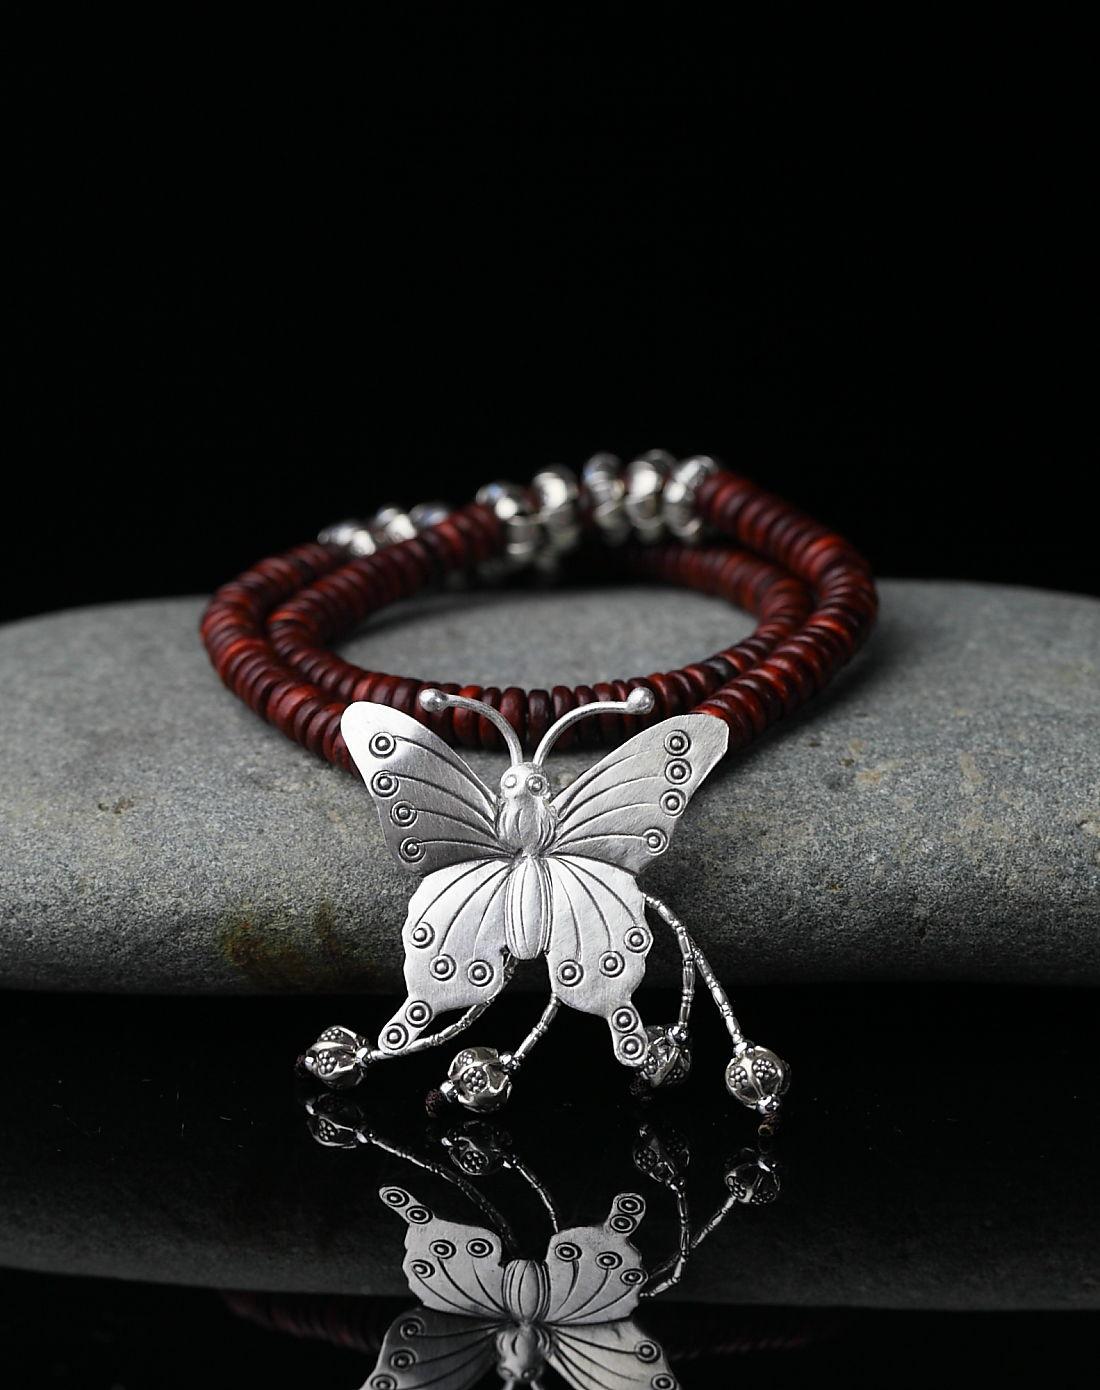 盛世玉石珠宝专场-royal gem 原创设计-时尚隔片珠天然陈料红酸枝手串